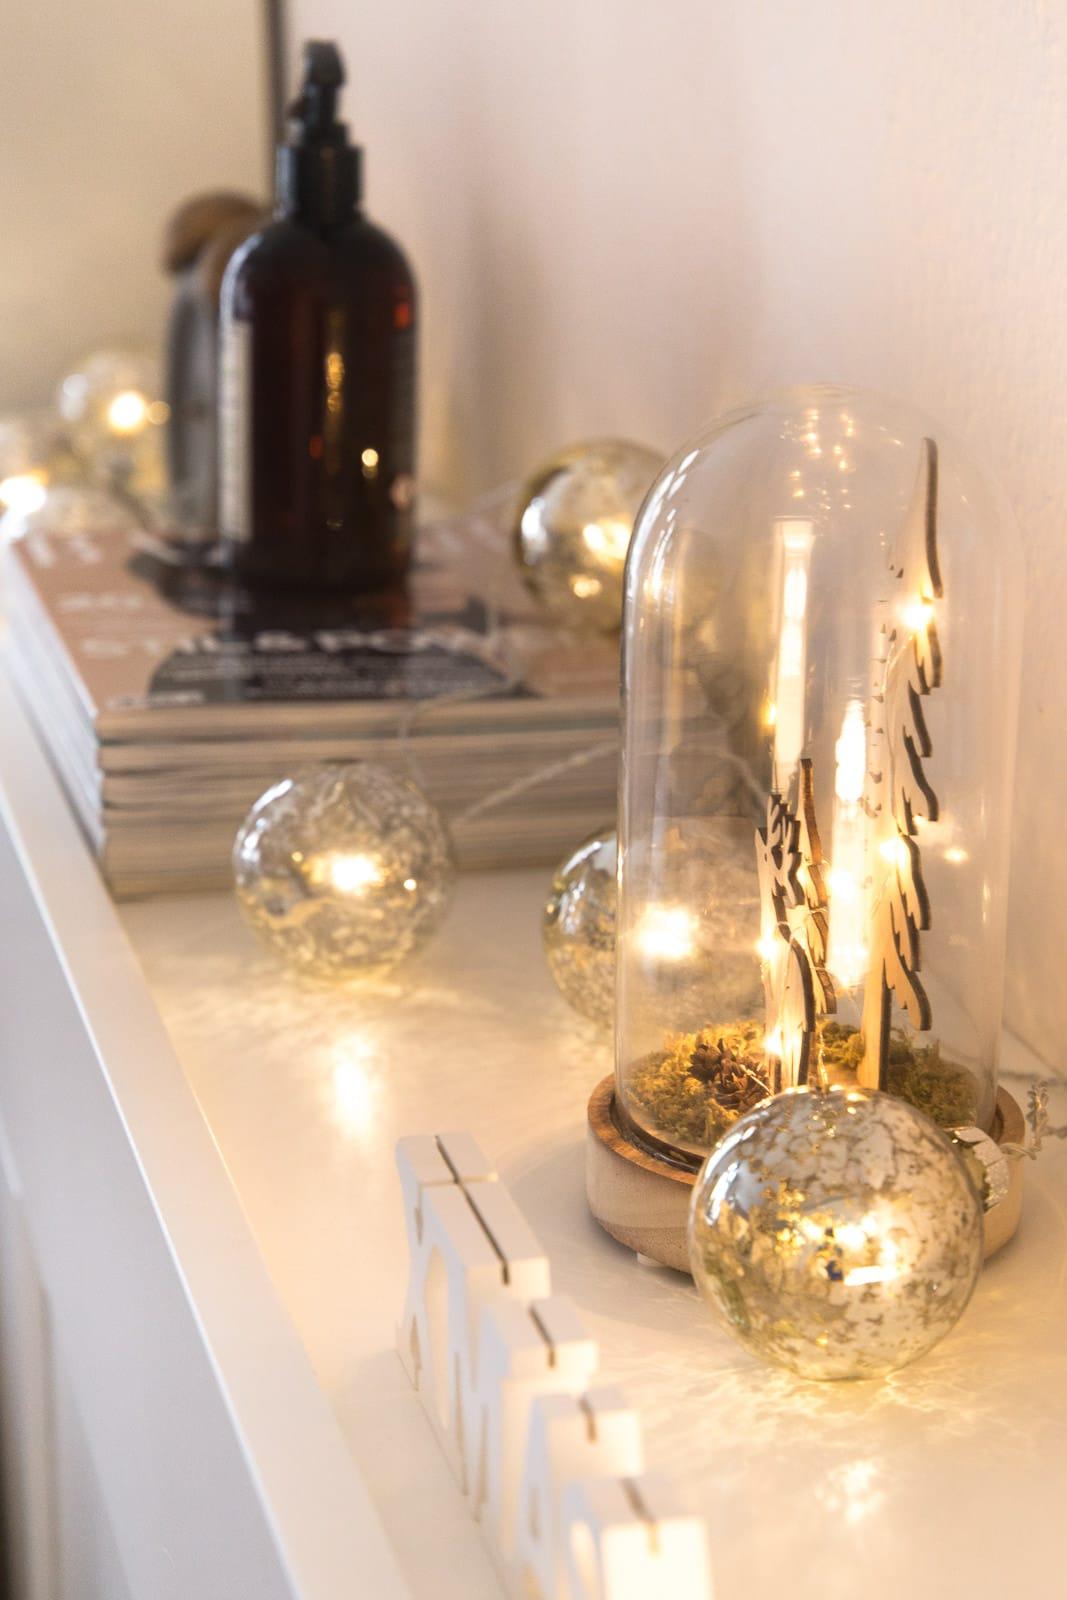 Schlafzimmer interior update 5 tipps für mehr gemütlichkeit weihnachten blog des belles choses 3.jpg